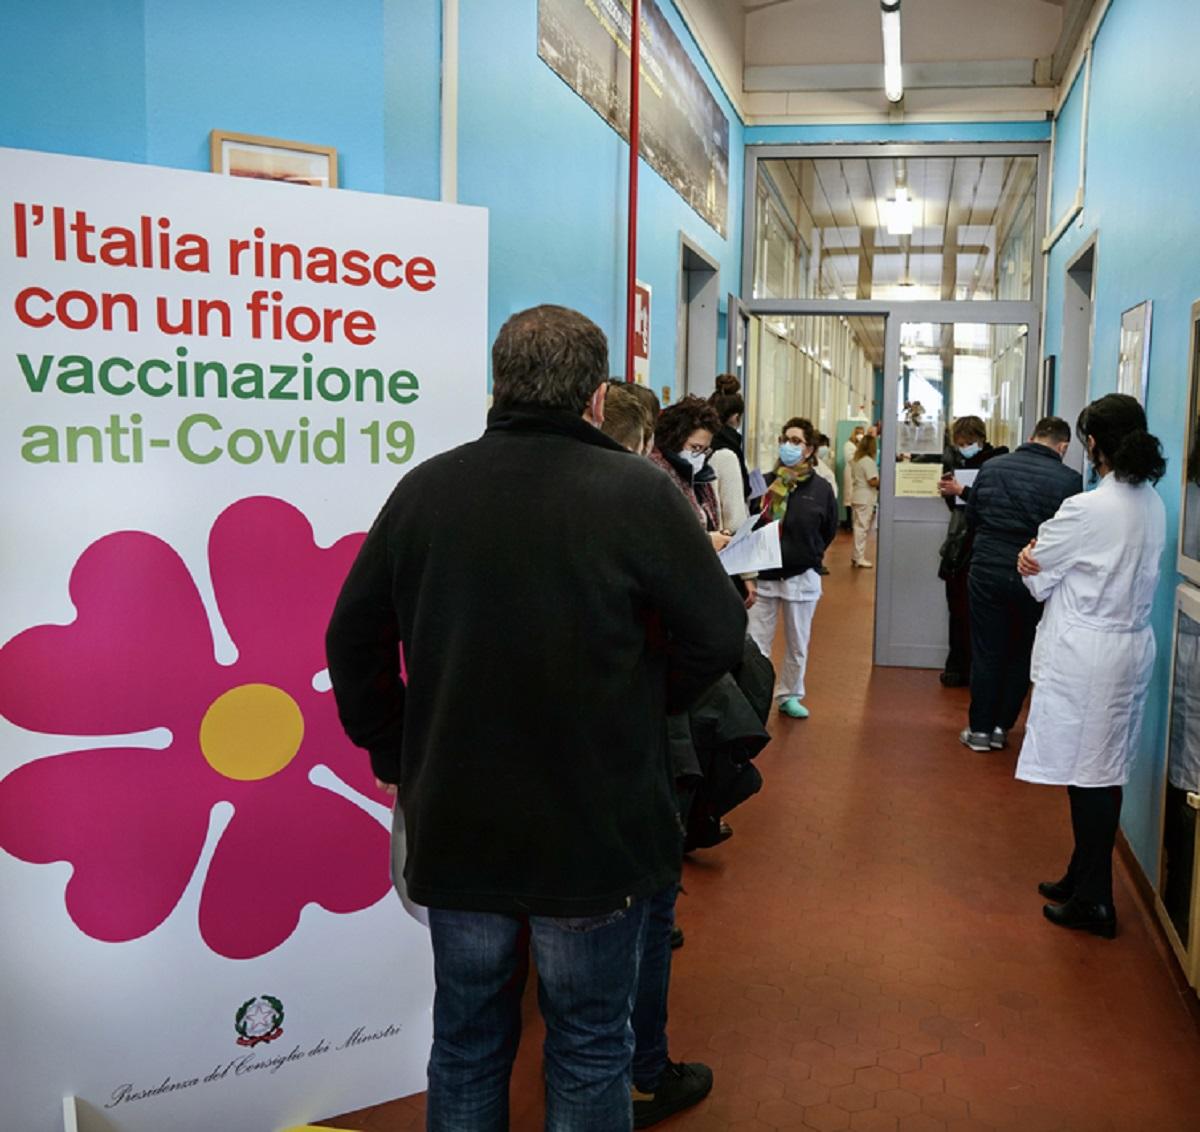 Mario Draghi campagna vaccinazione previsione fine pandemia